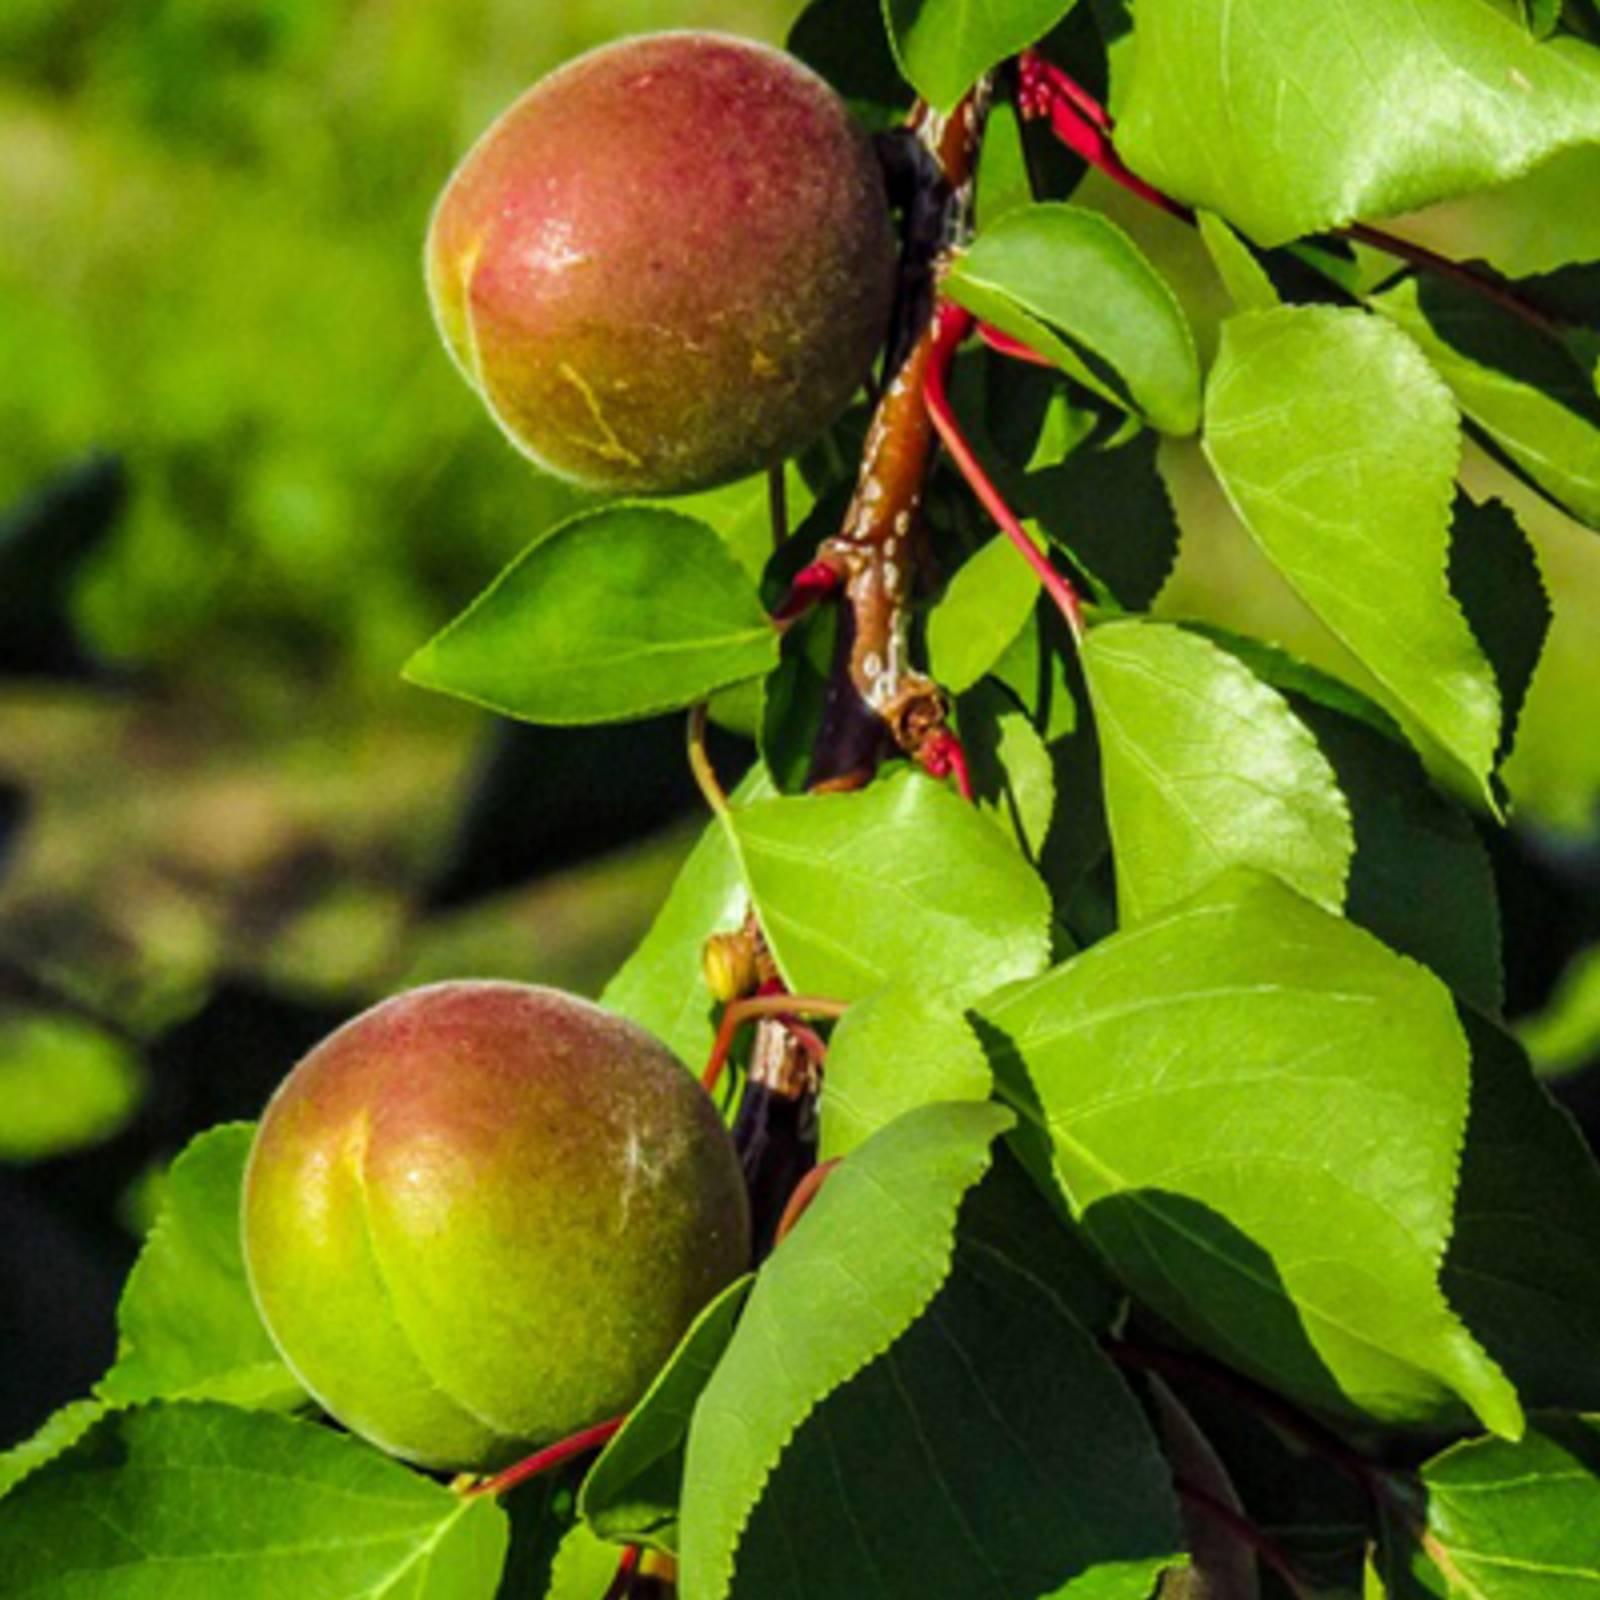 3-in-1 Plantings: 3 Fruit Trees